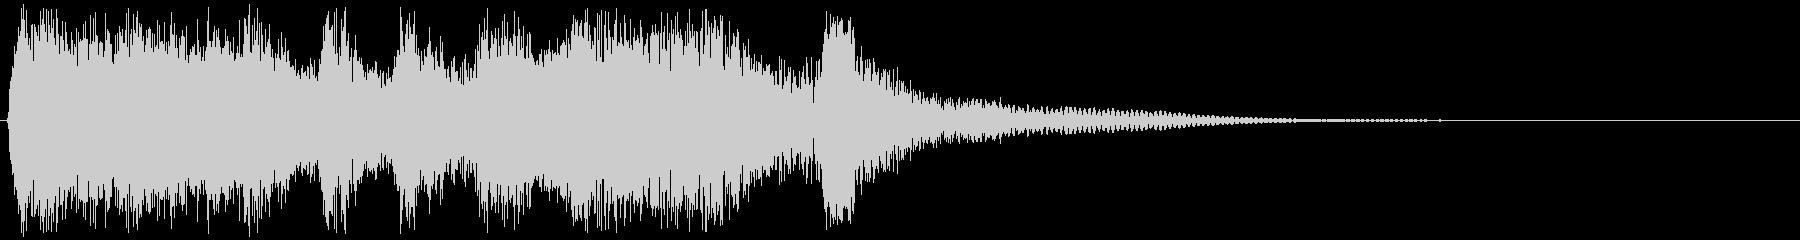 ゲームクリアのジングルの未再生の波形